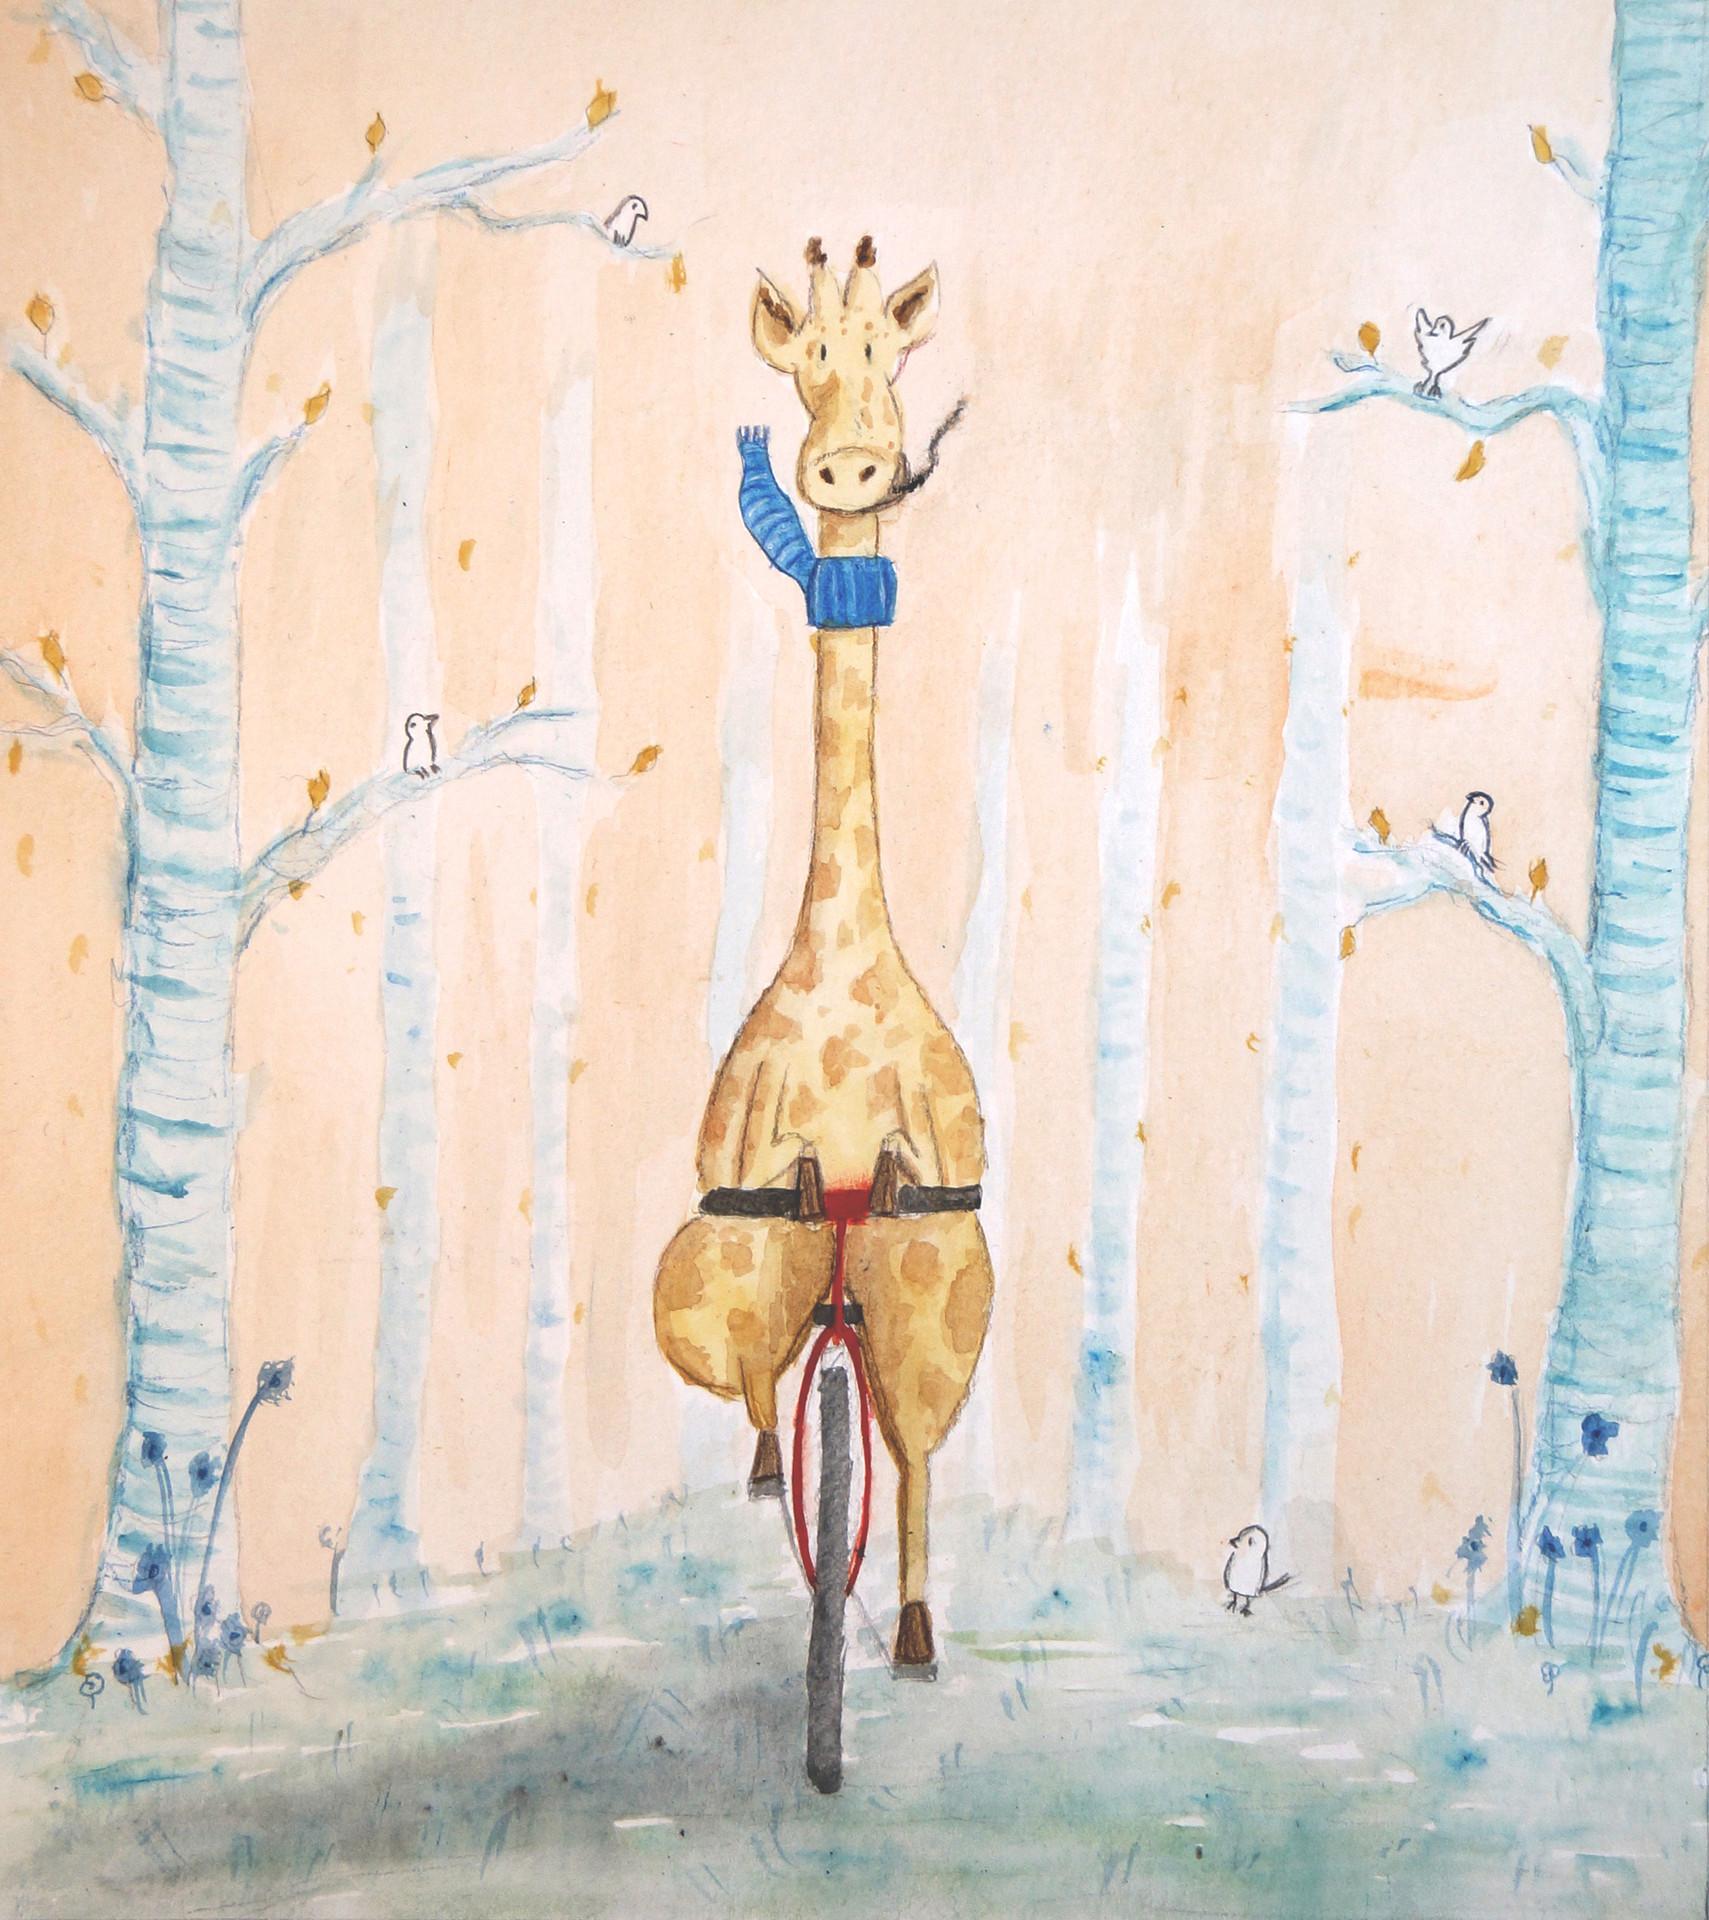 Geoffrey finds a Bike